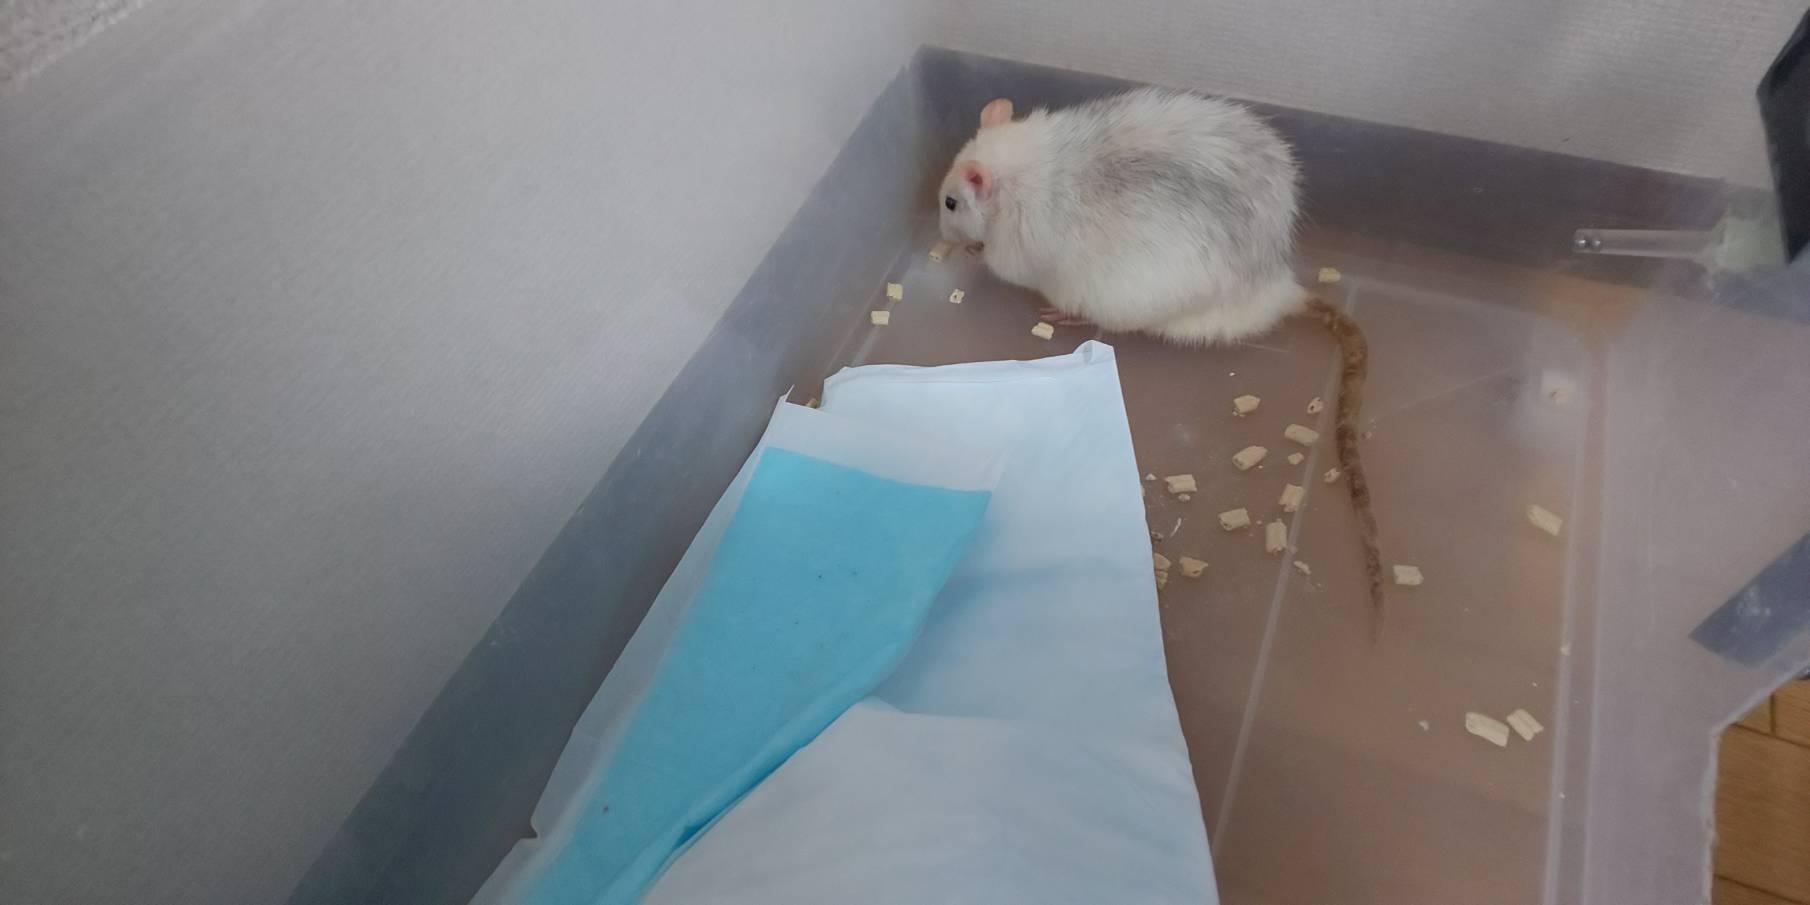 【ファンシーラット】ケース掃除のたびに・・おからの砂たべるんですが美味しいの?